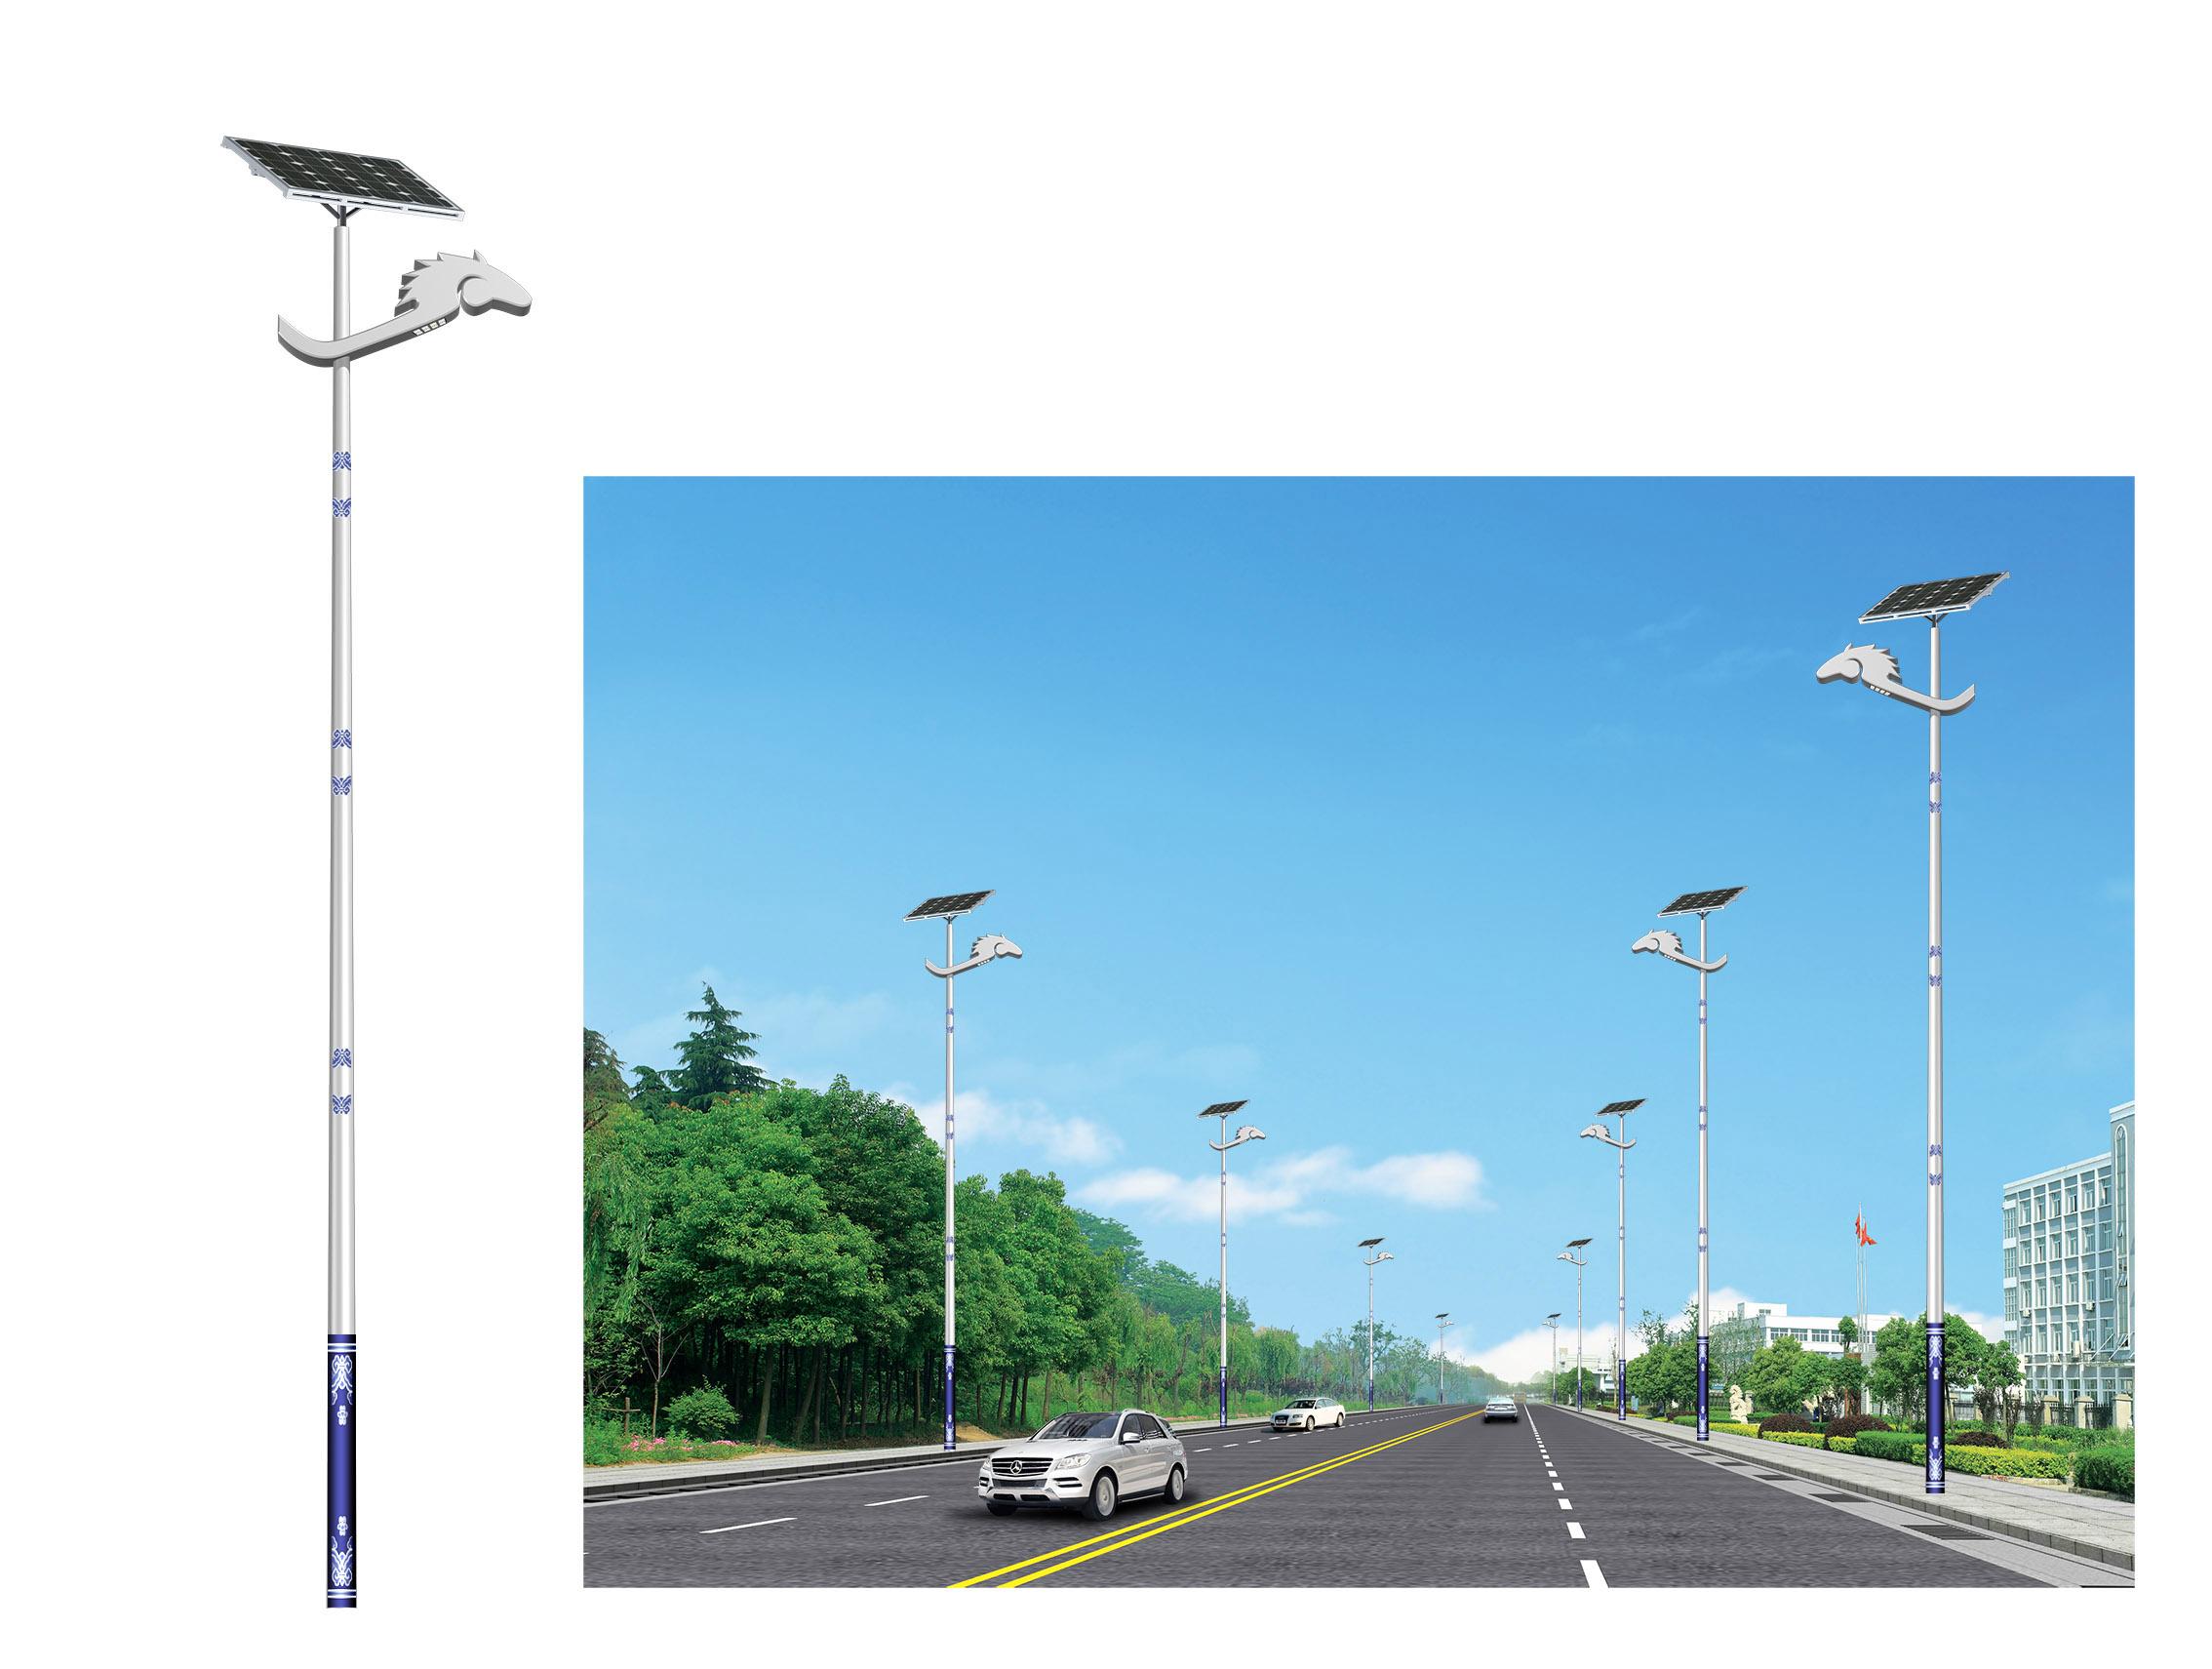 河南省平顶山某道路安装的特色太阳能路灯